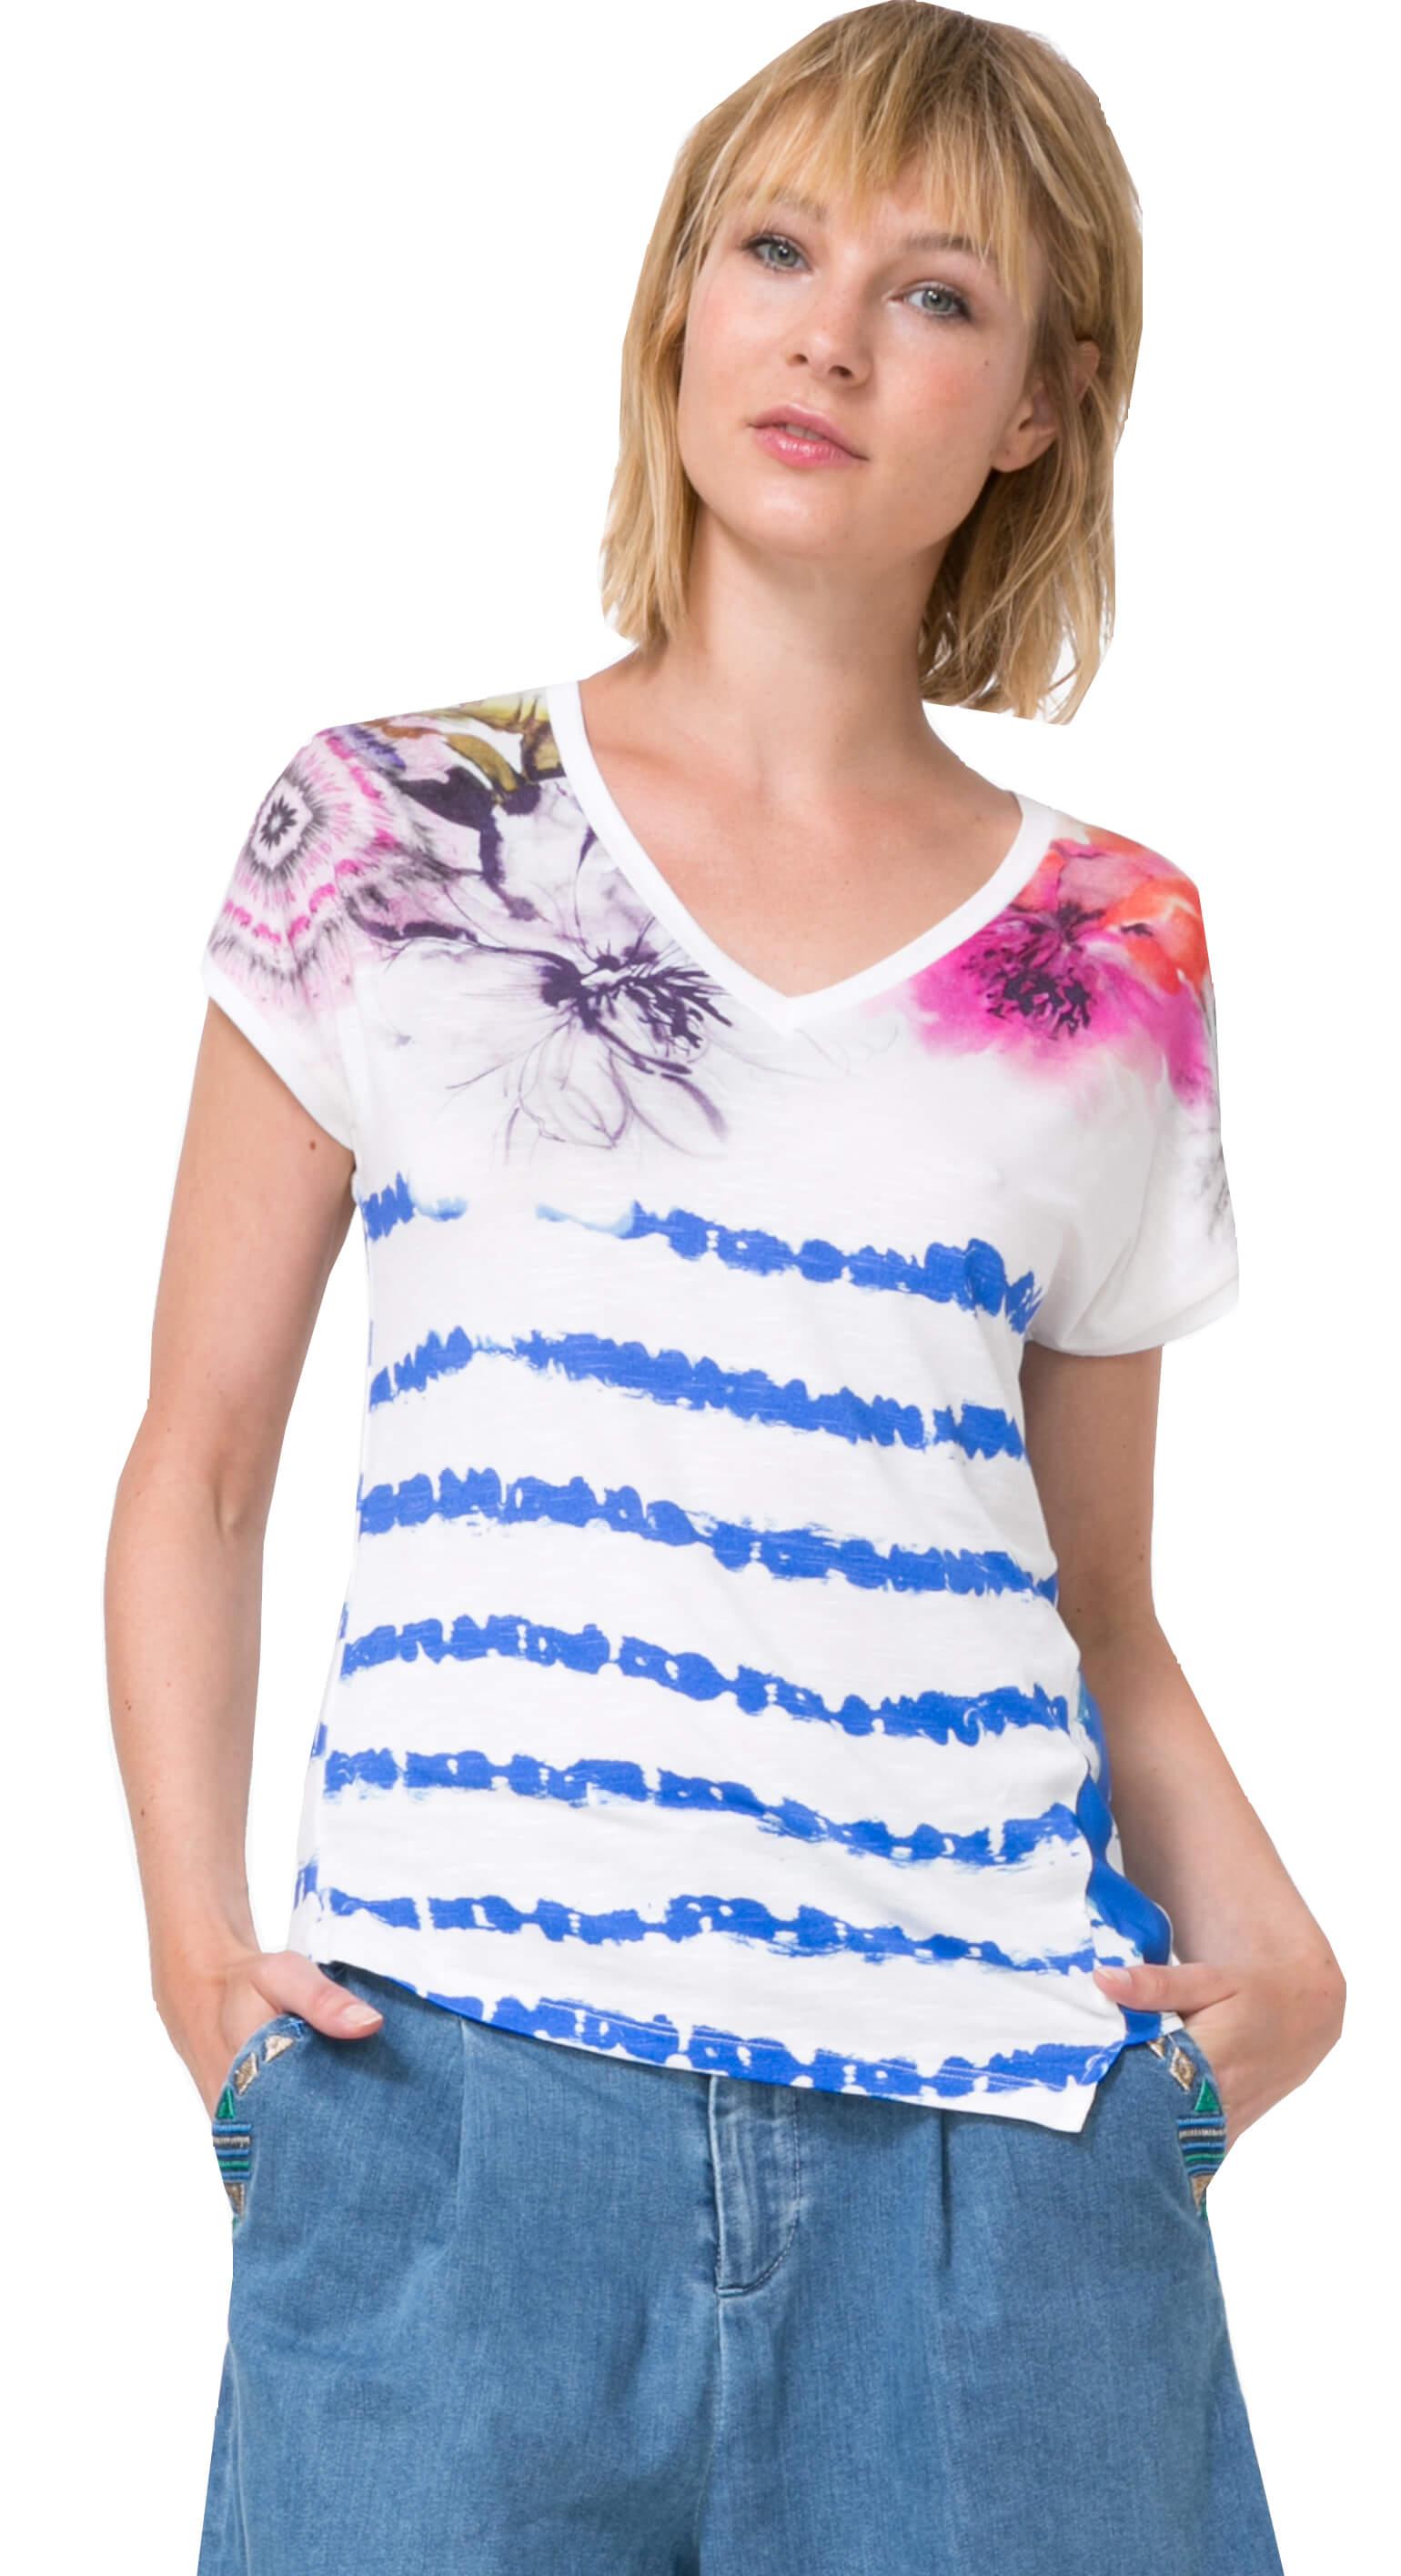 Desigual Dámske tričko TS Cellia 73T2WA2 5001 Doprava ZDARMA ... 15a1a5b3261